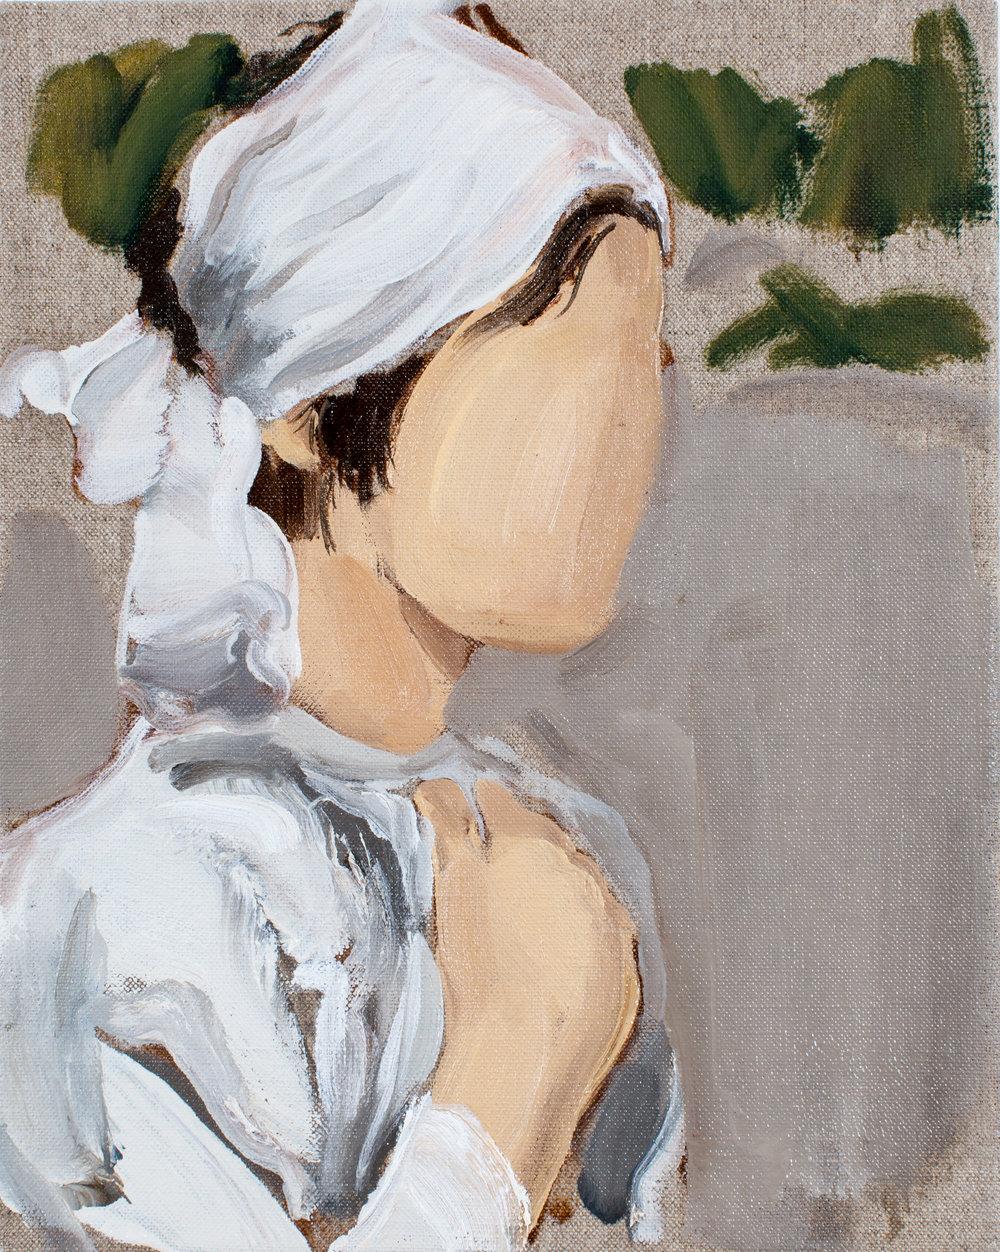 GR-1837-Untitled-Headscarf_25.5x21cm_oilonlinen_2016.jpg